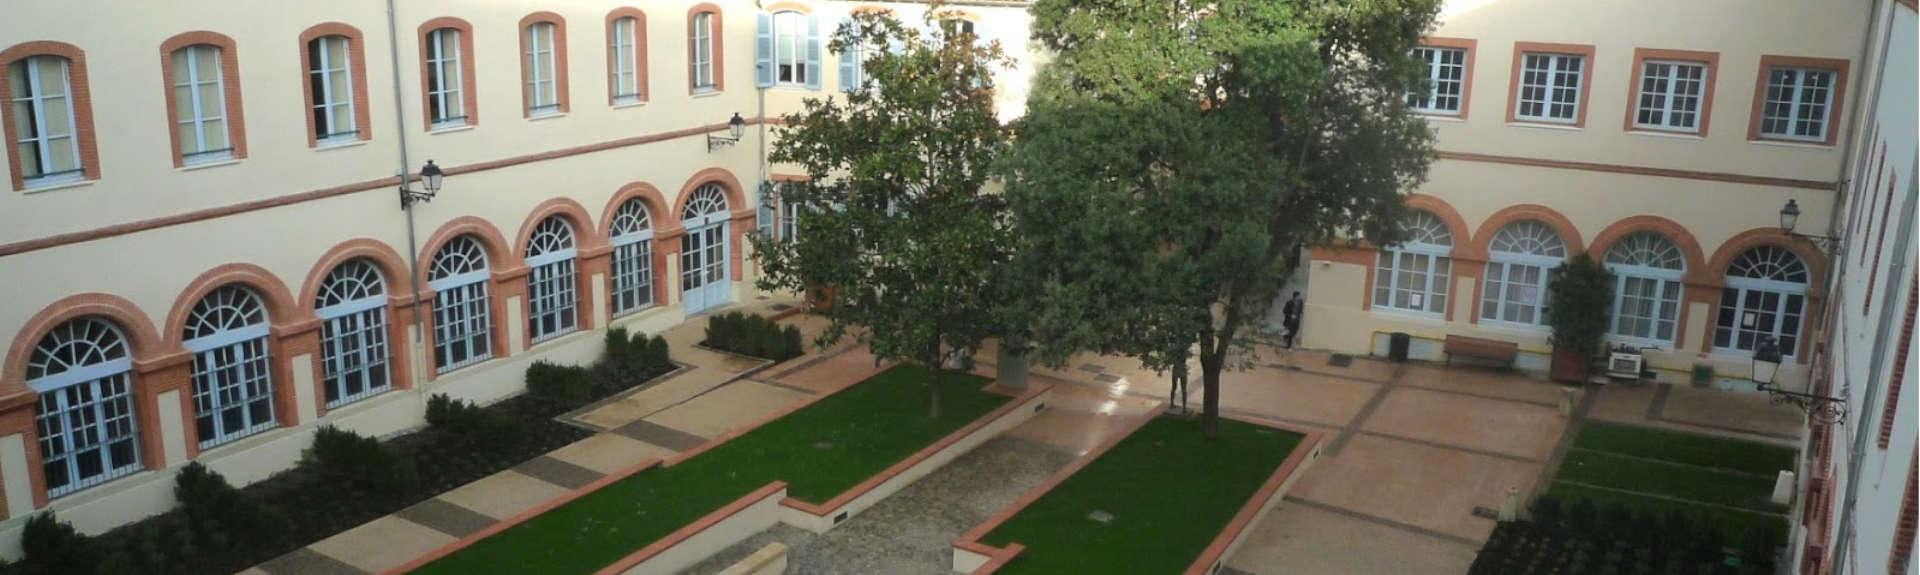 header - cour intérieure du campus de l'esqese toulouse ict